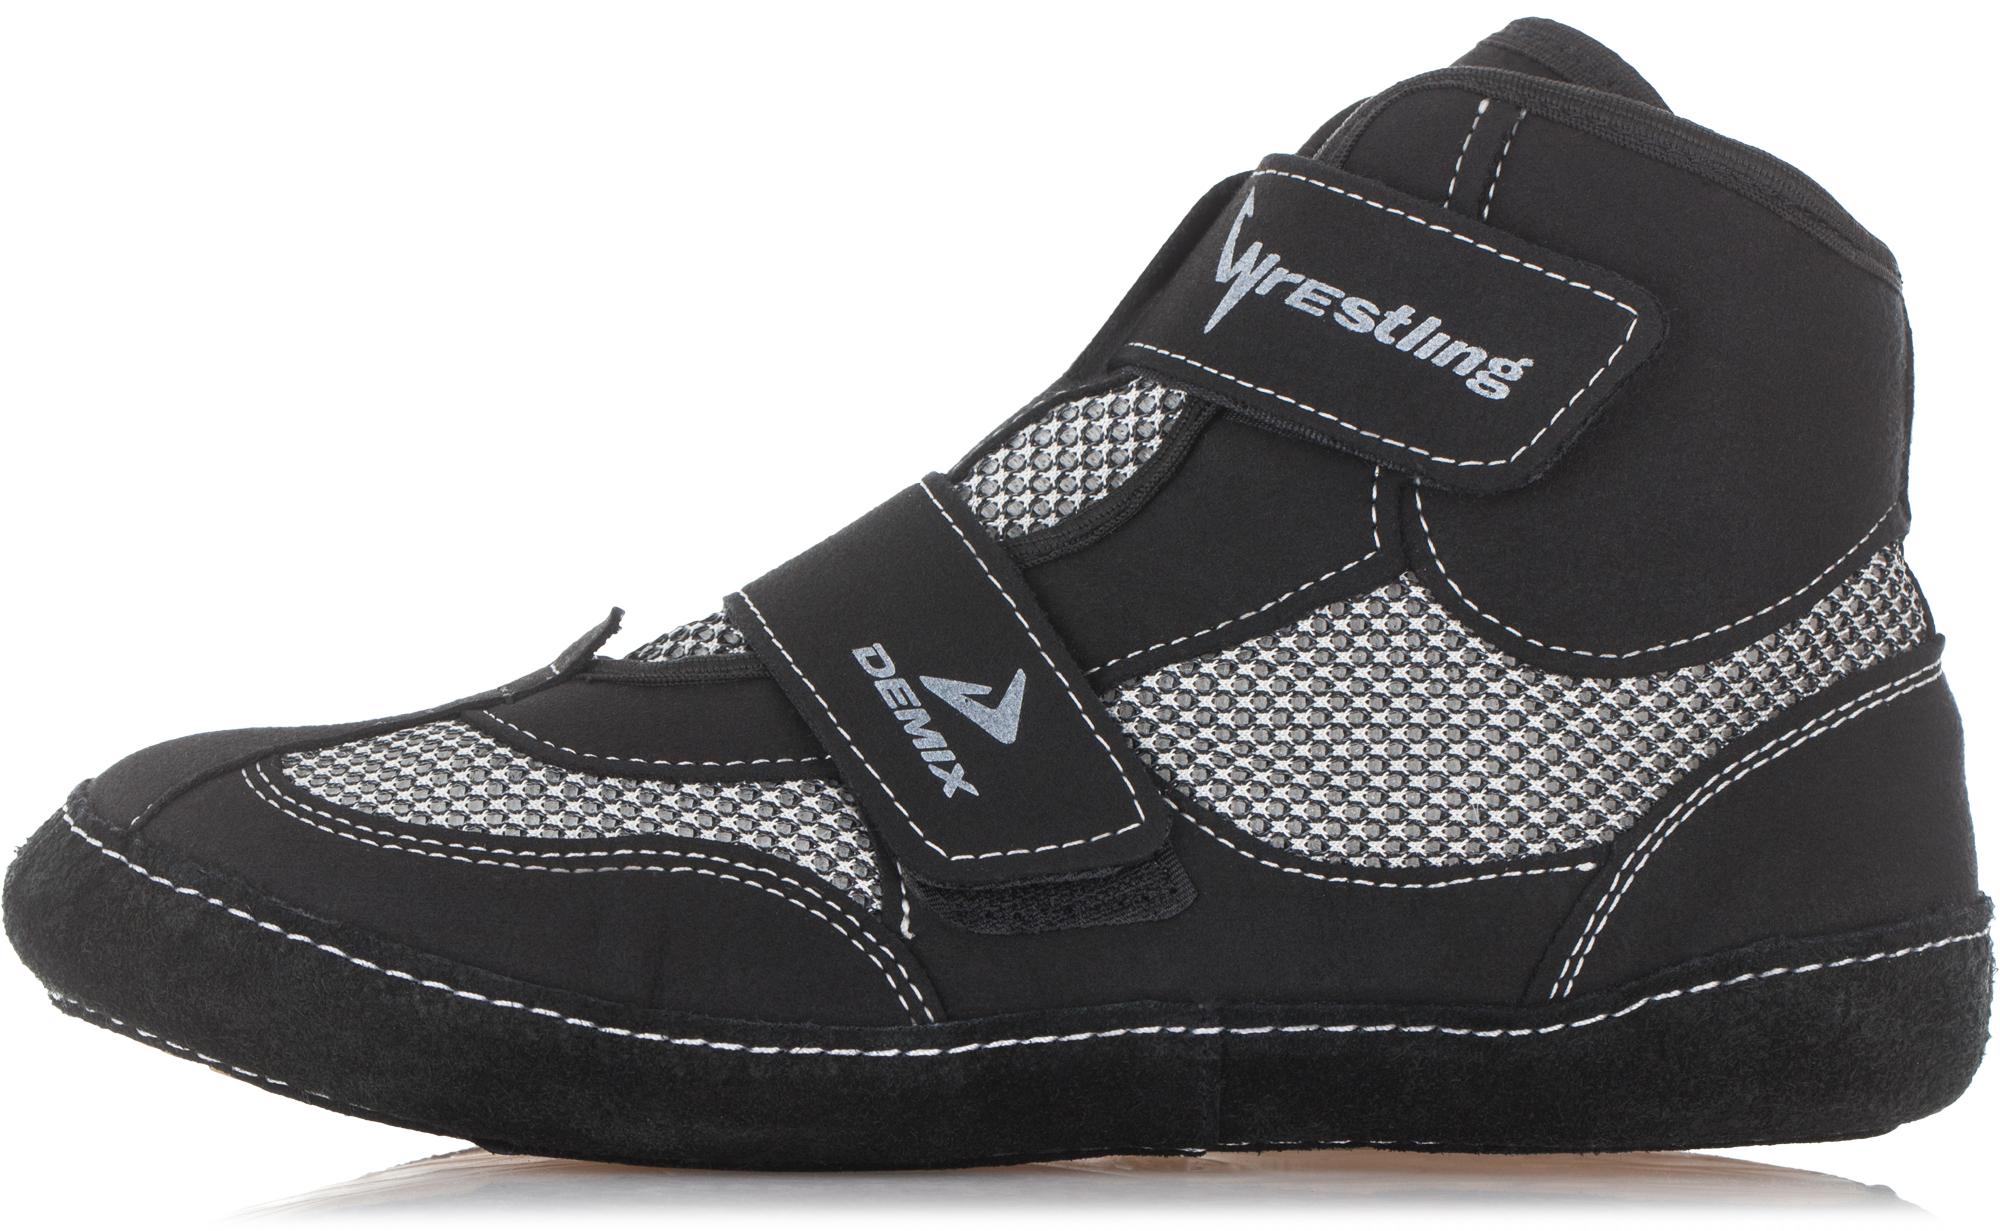 8ac2ef95a Demix Борцовки для мальчиков Demix, размер 38 артикул:10183884 - Обувь